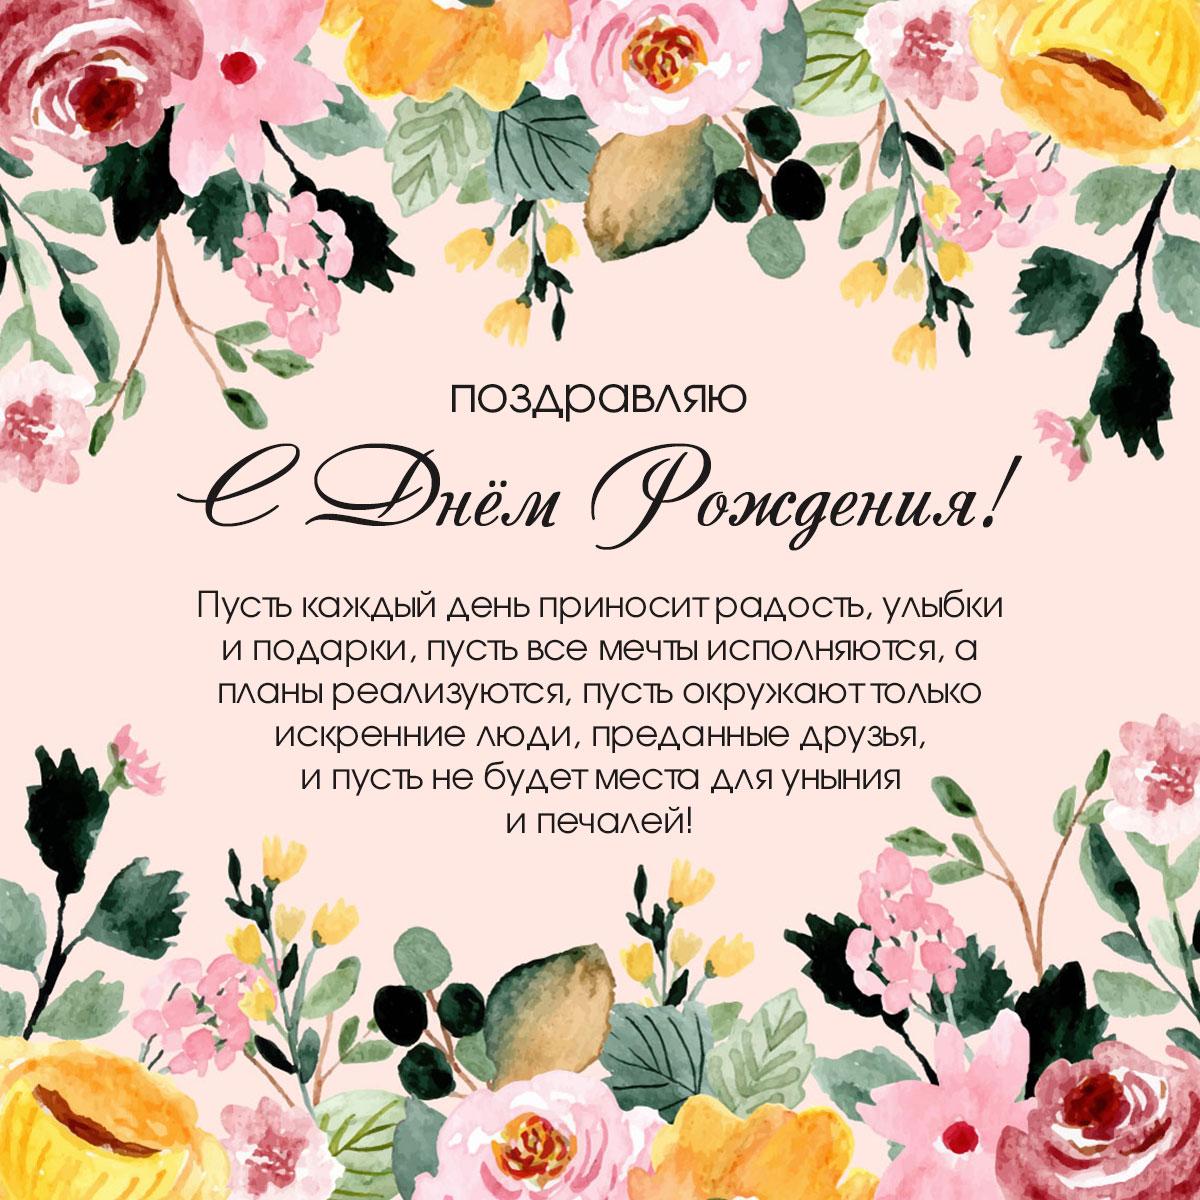 Персиковая картинка с поздравлением с пионами и розами с днем рождения.